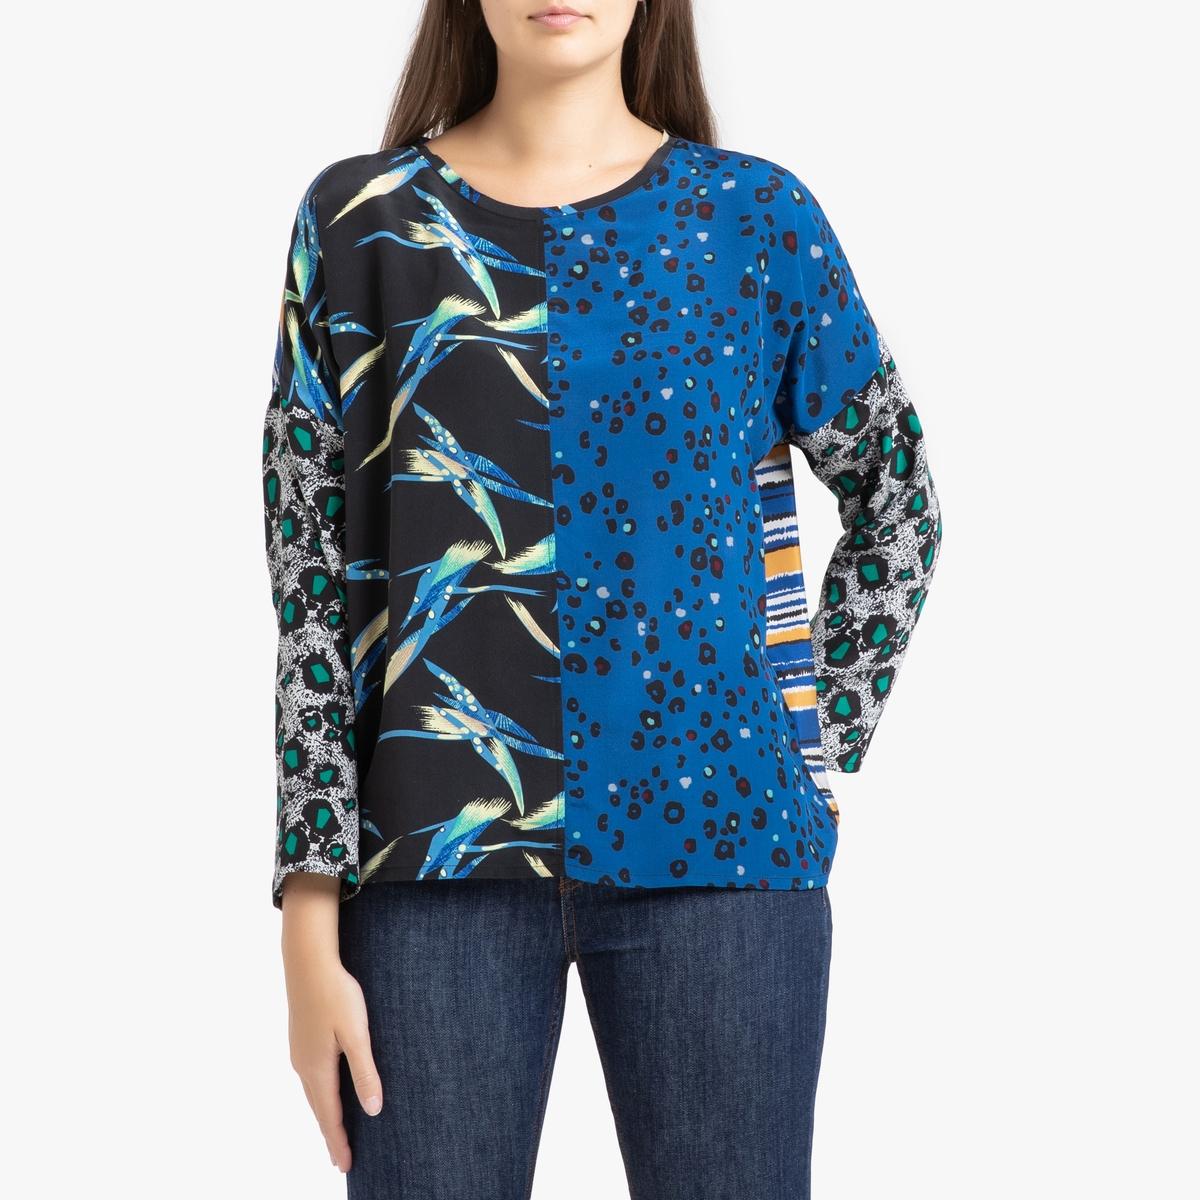 Блузка La Redoute Из шелка с длинными рукавами S/M синий блузка la redoute с круглым вырезом цветочным рисунком и длинными рукавами s черный